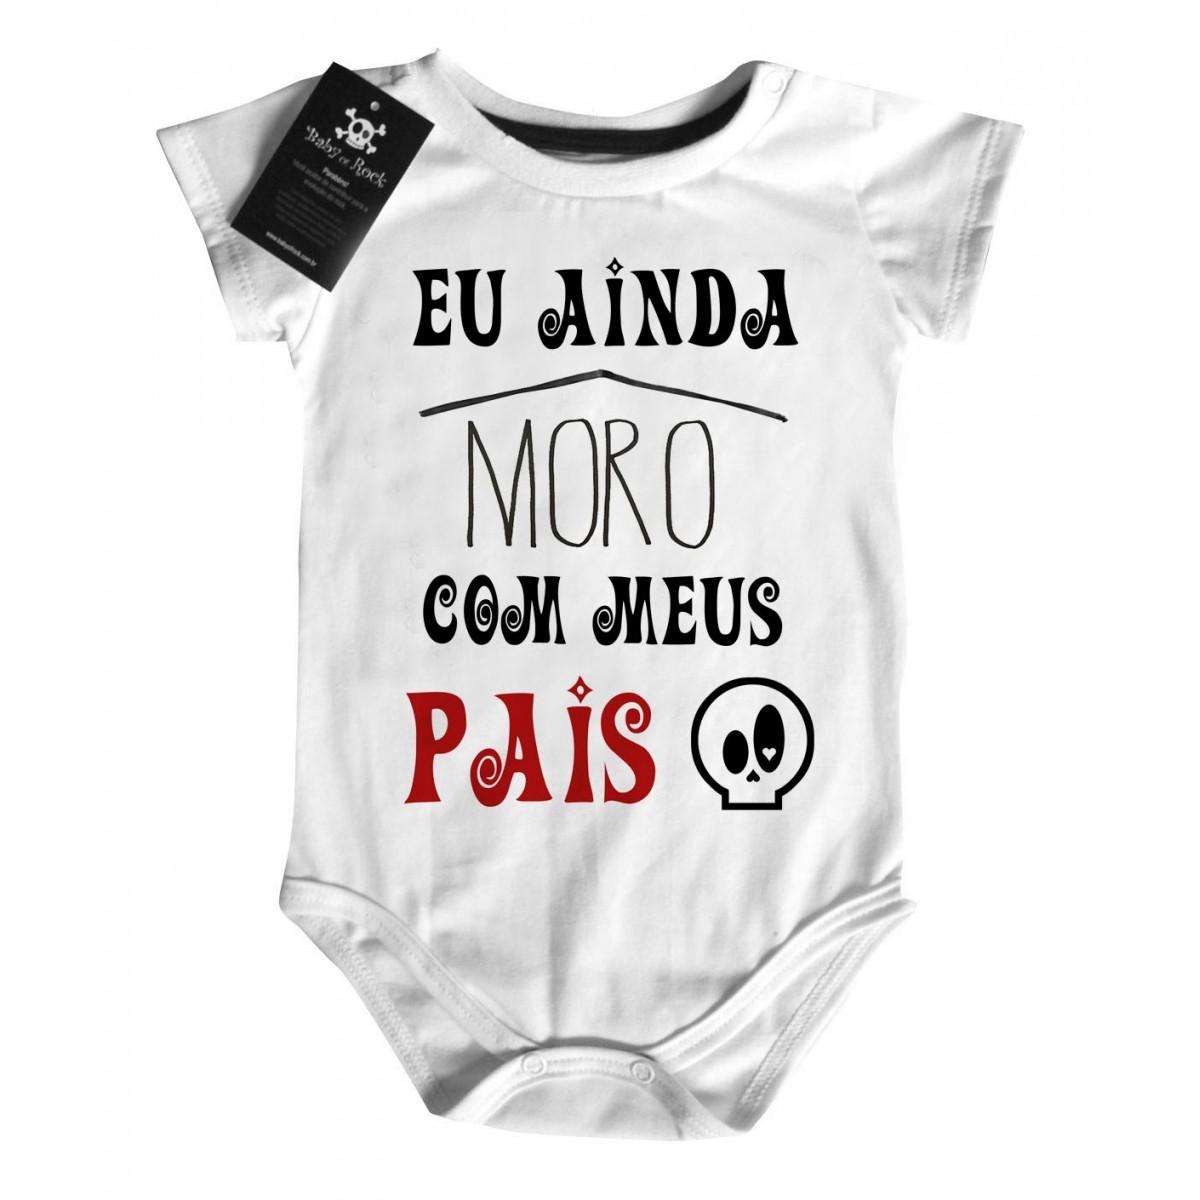 Body Divertido Bebê - Ainda Moro com meus pais - White  - Baby Monster S/A